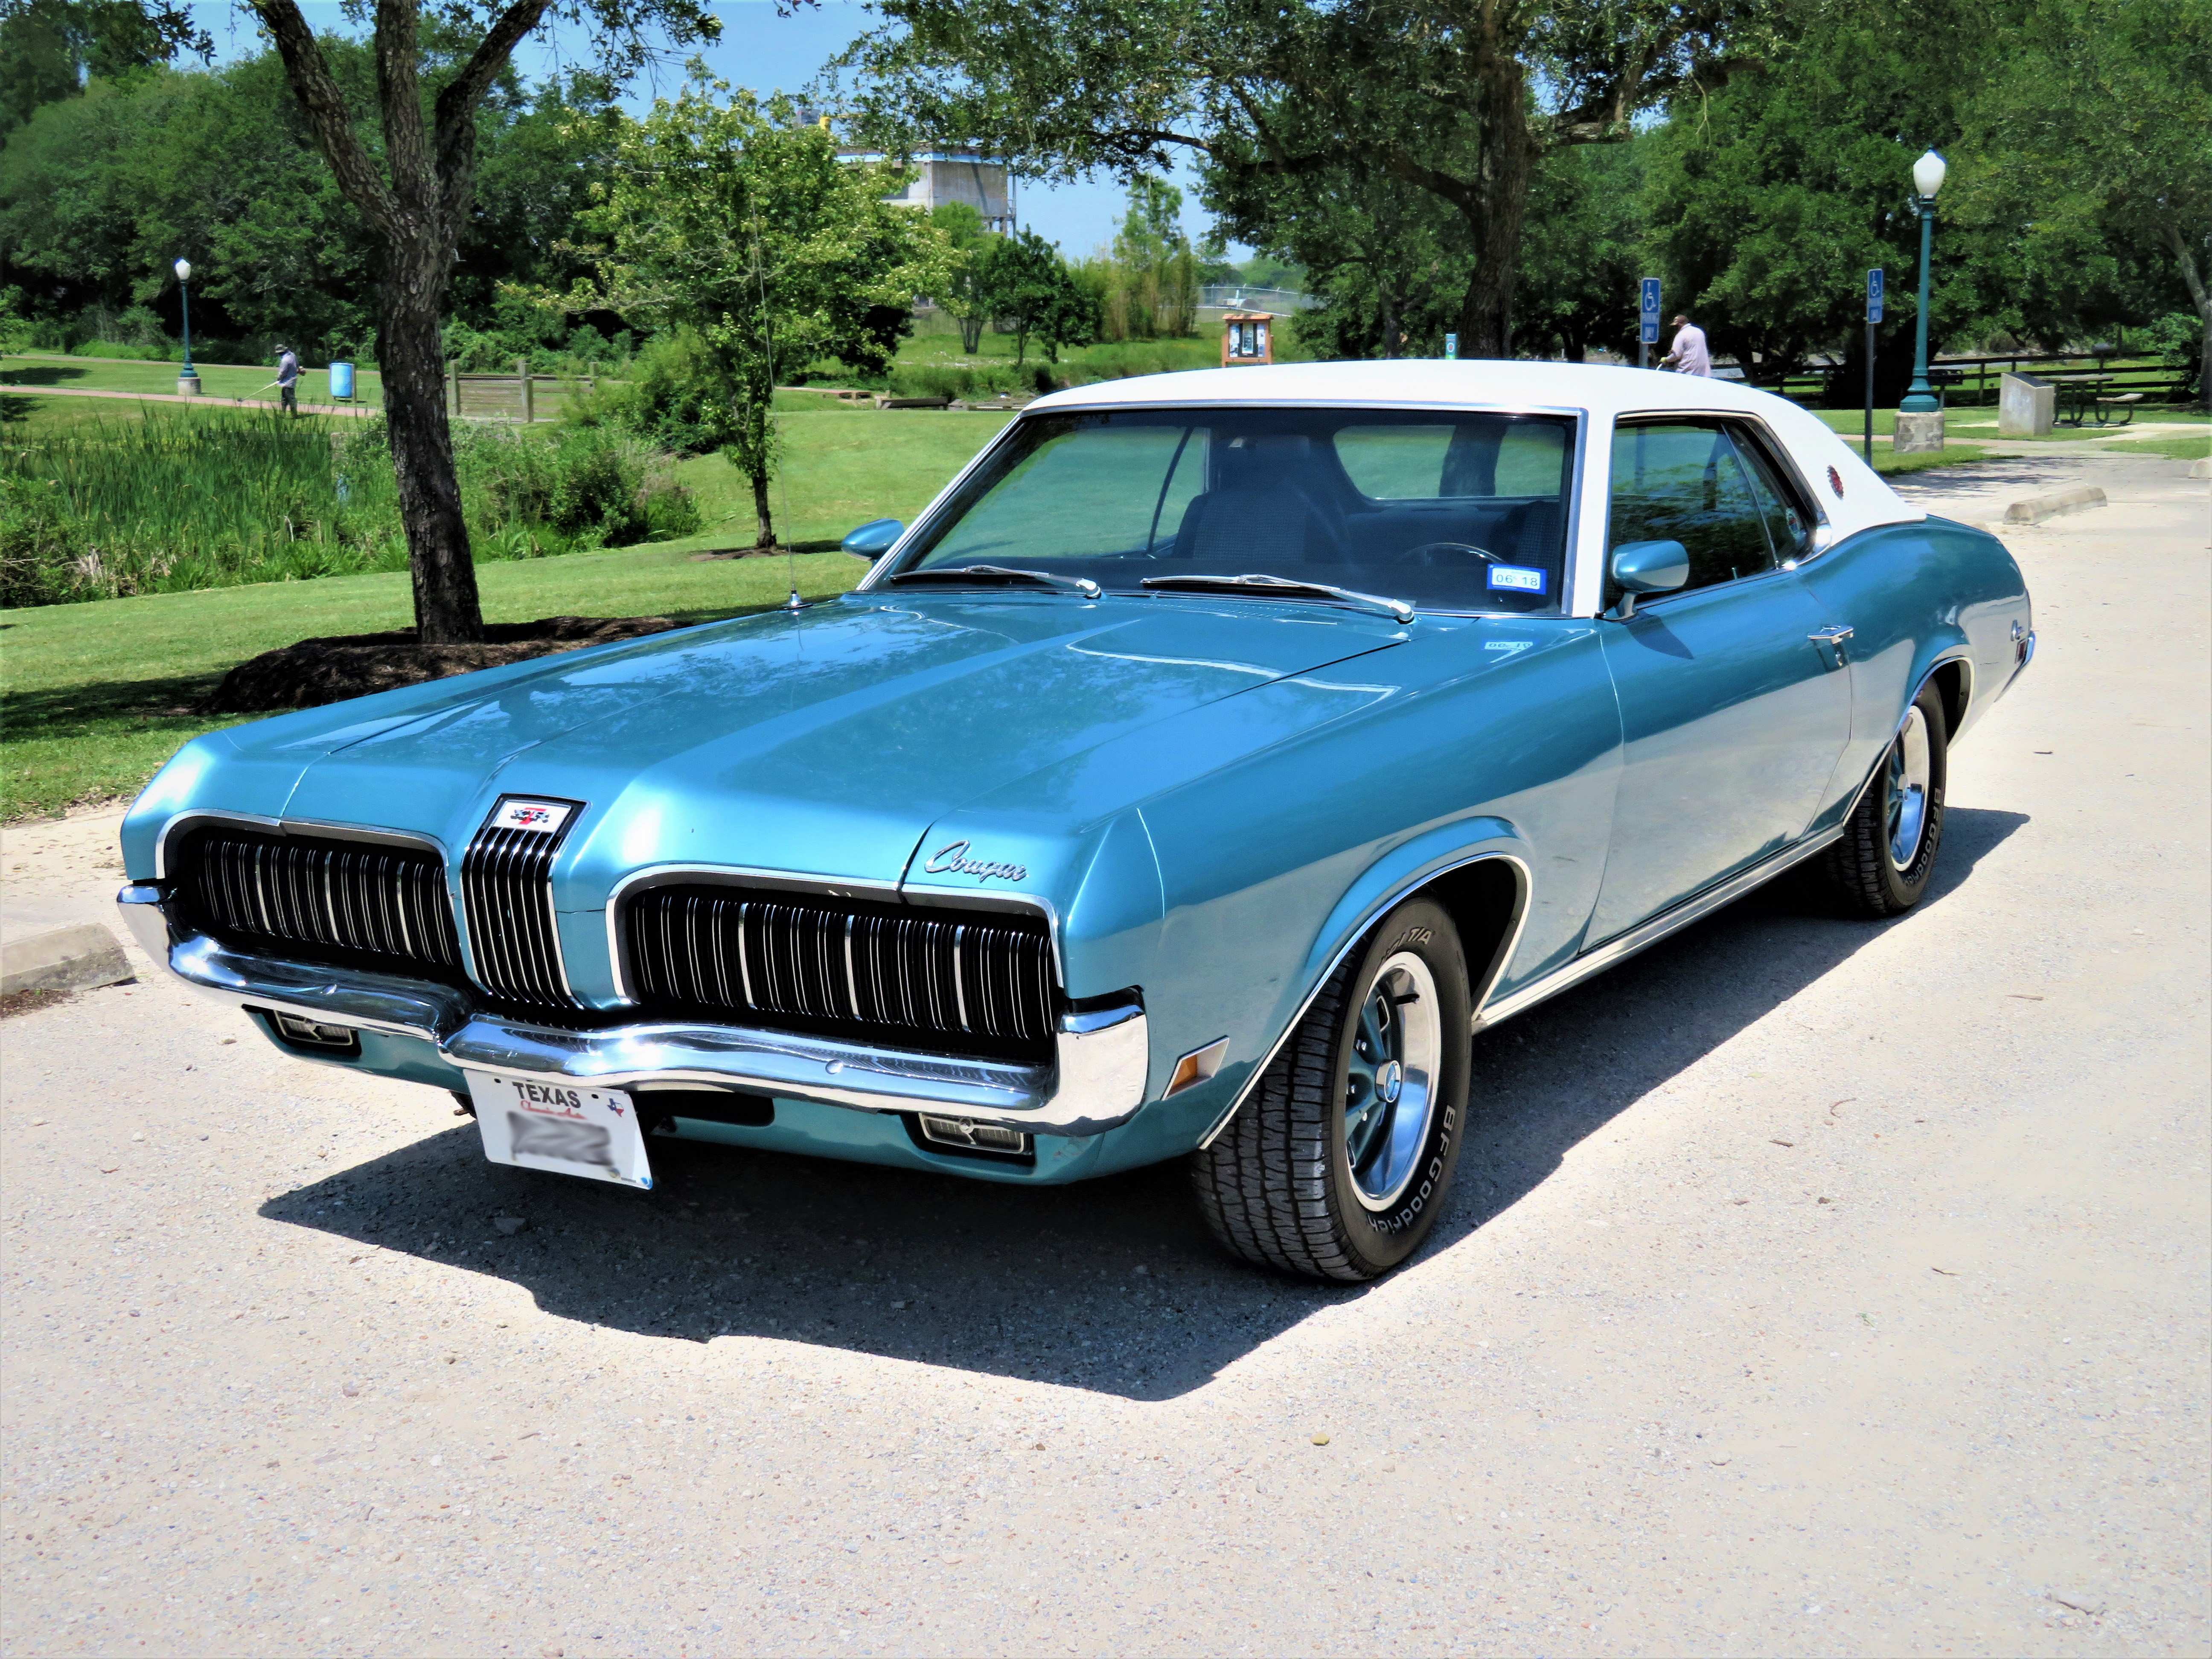 1970 Mercury Cougar Classic Car Restoration Club